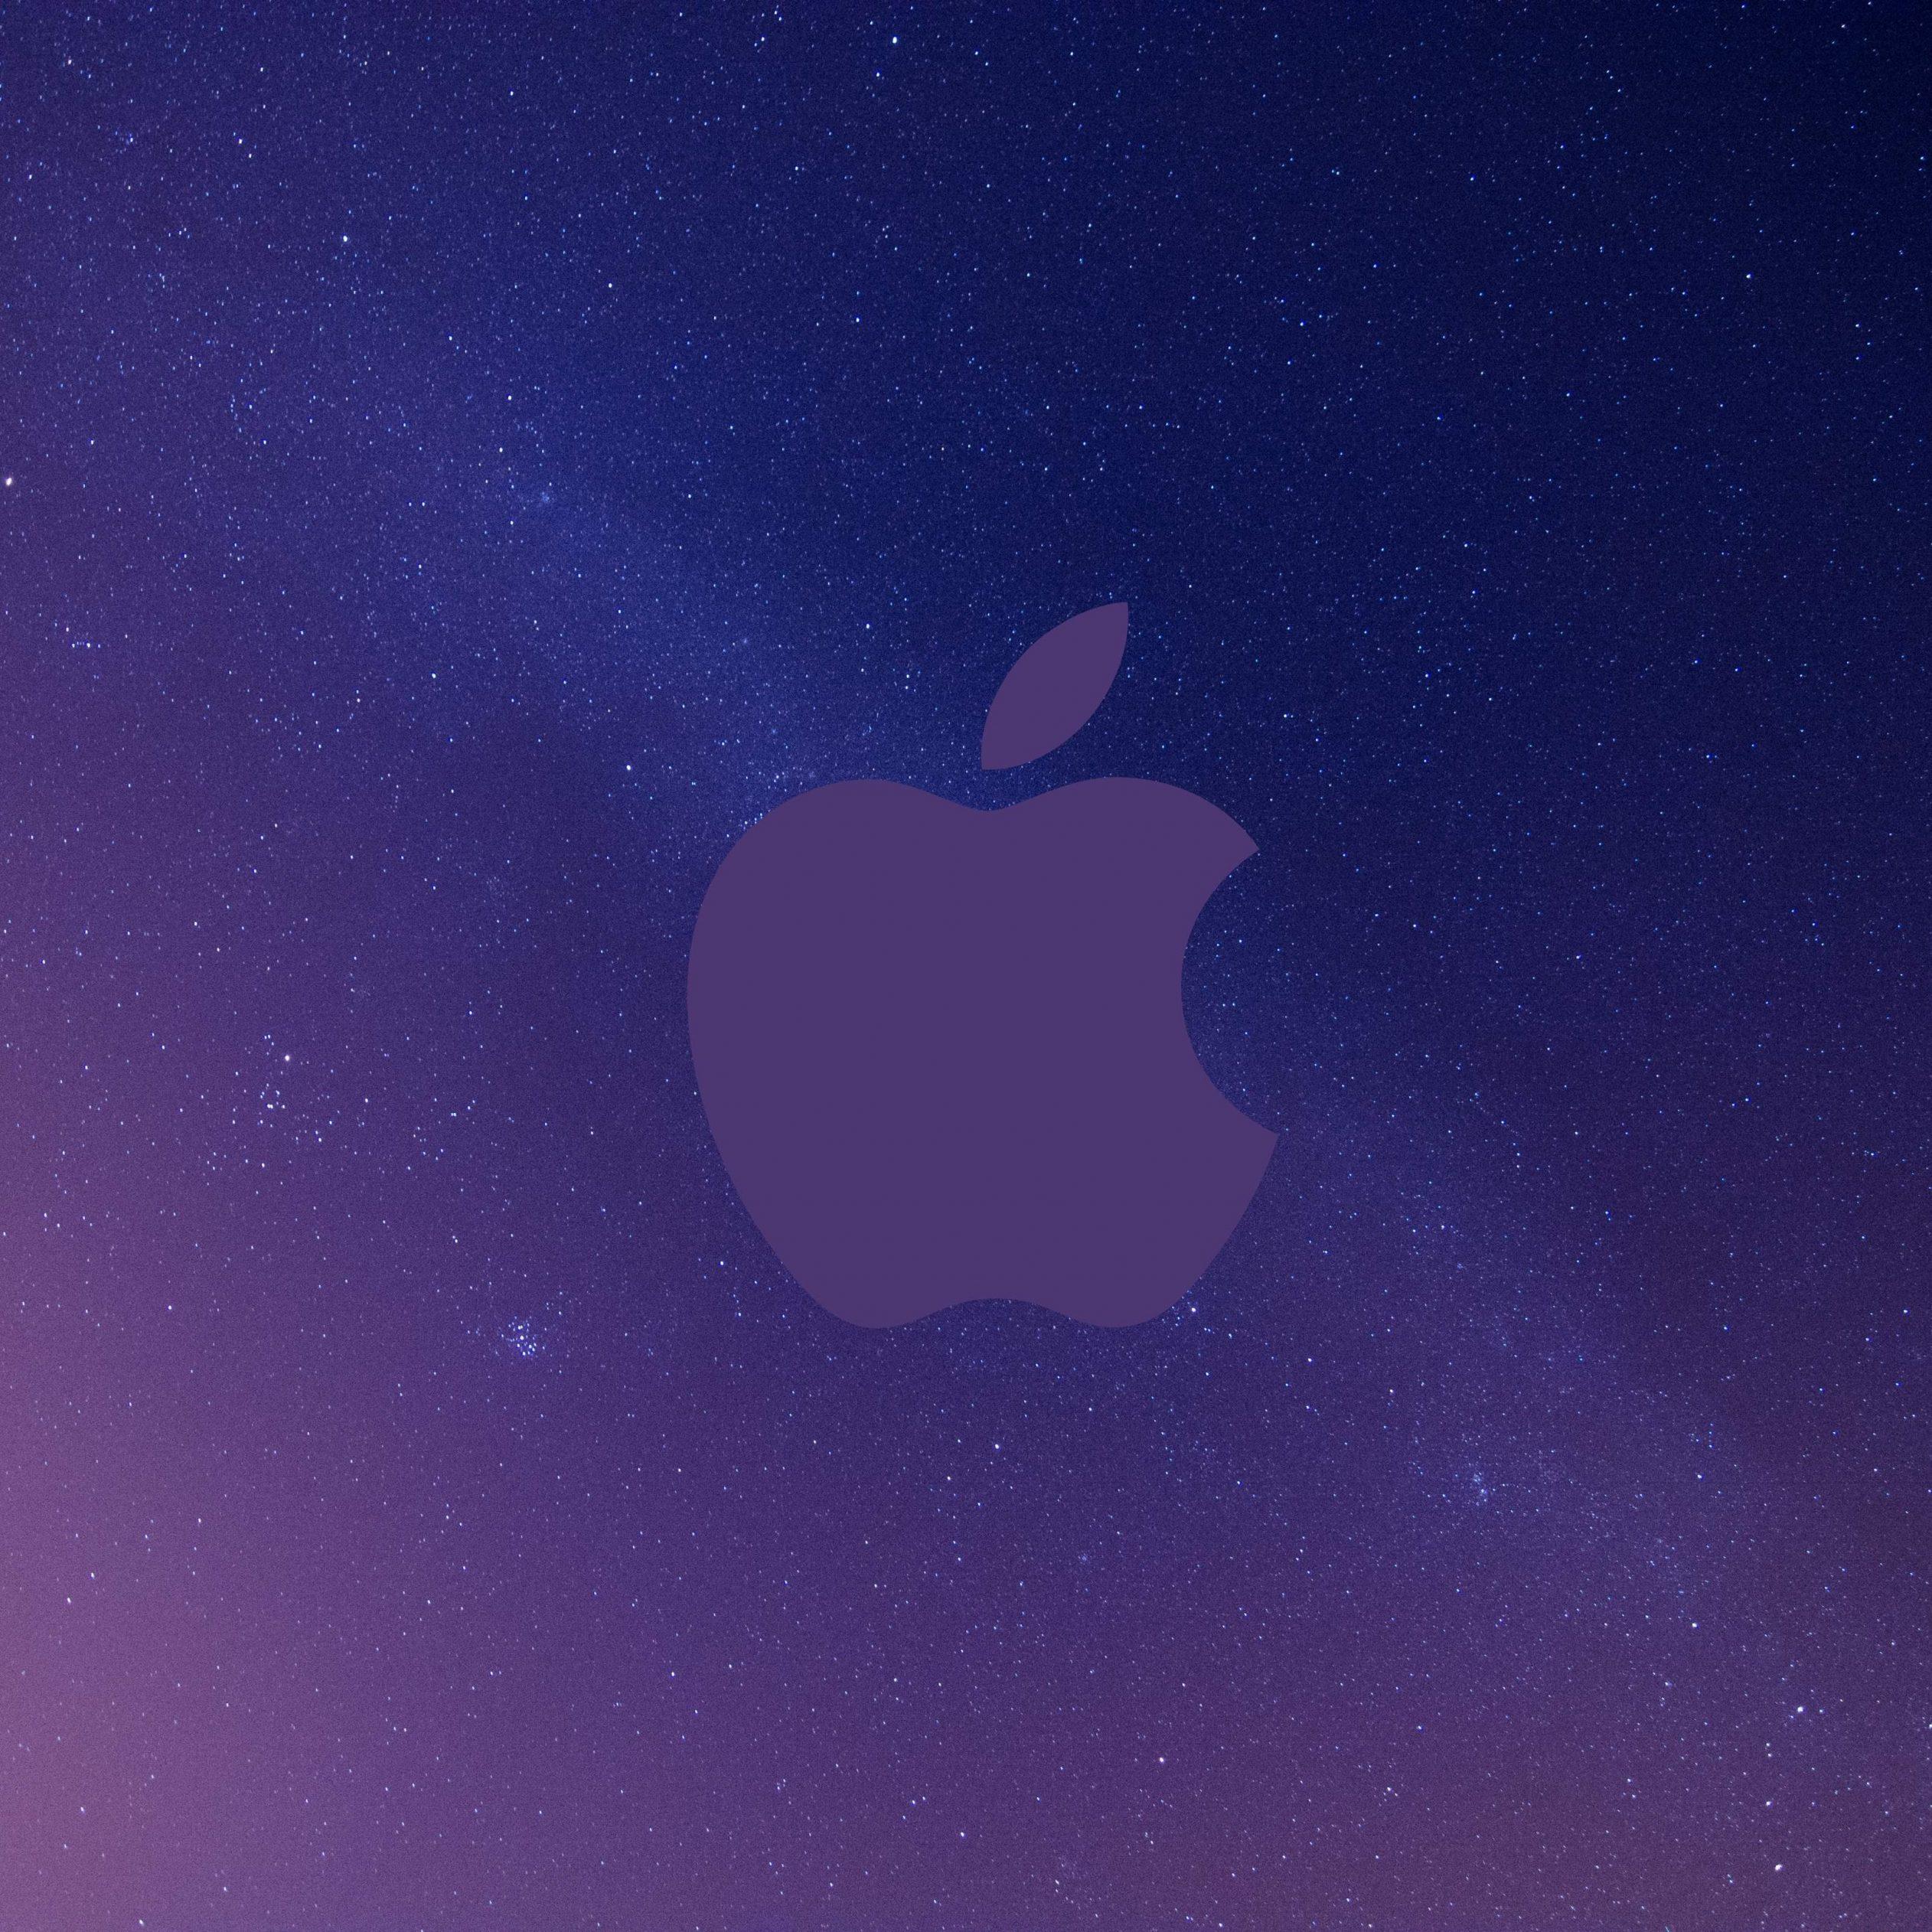 2524x2524 Parallax wallpaper 4k Apple Logo Grey Sky Night Stars Space iPad Wallpaper 2524x2524 pixels resolution